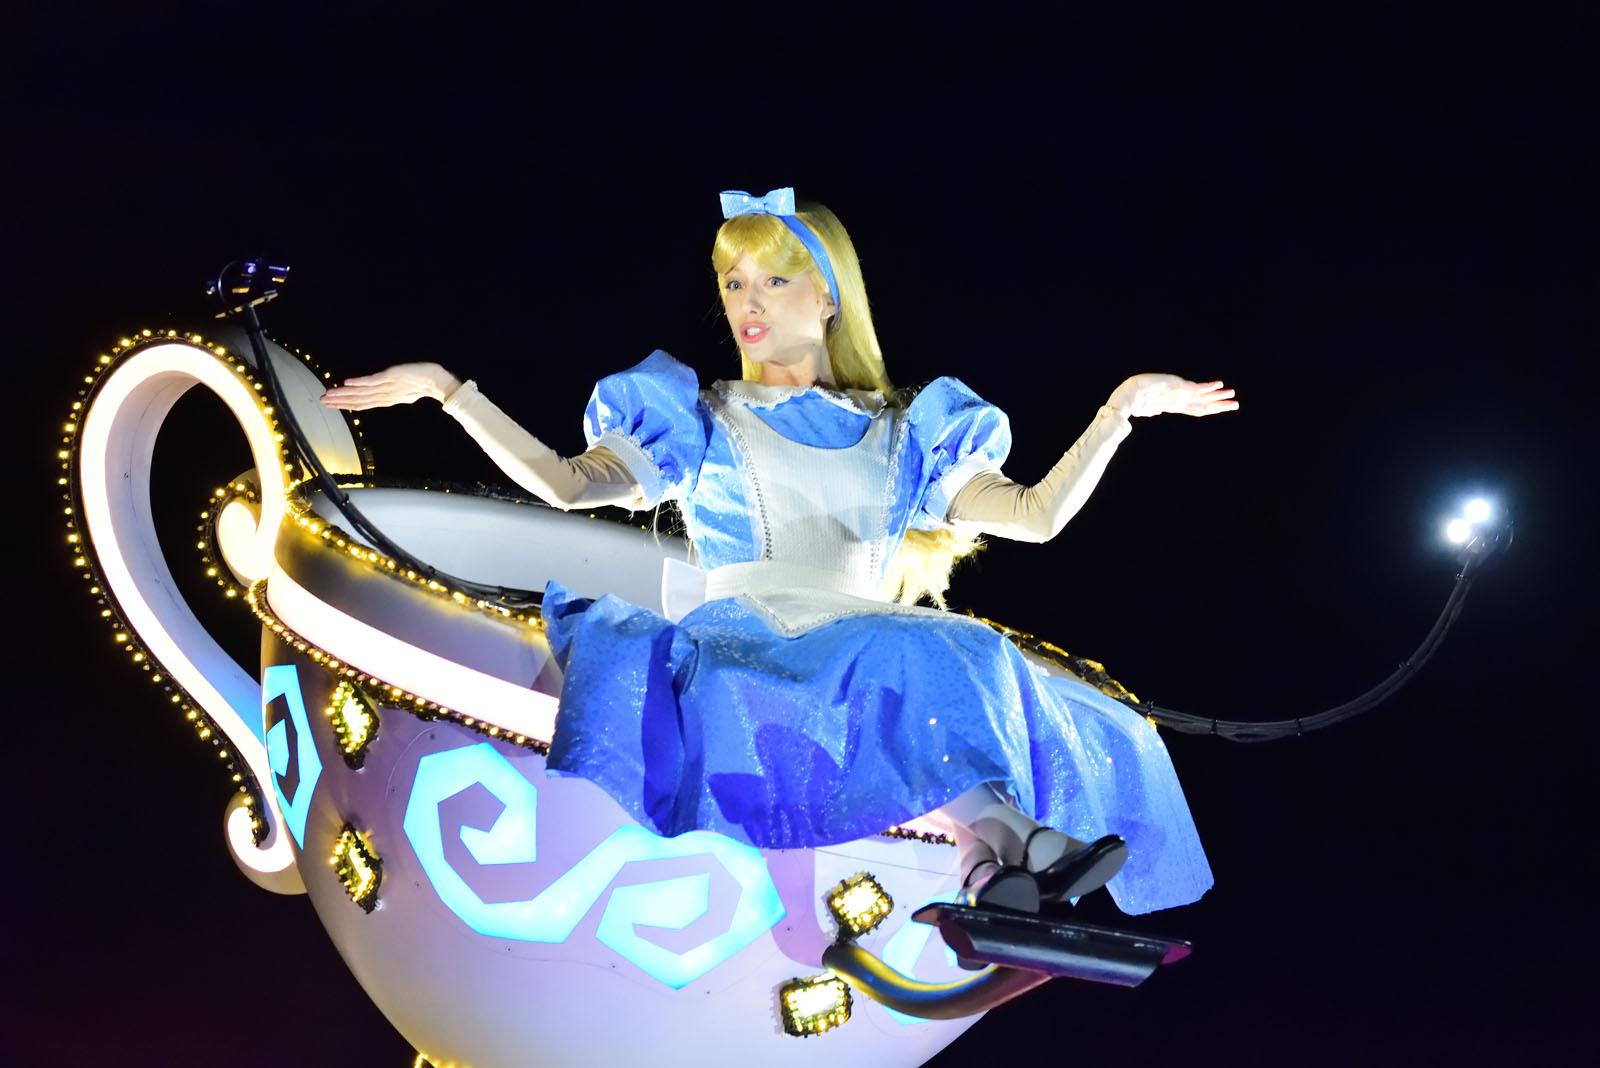 東京ディズニーランド・エレクトリカルパレード・ドリームライツ アリス